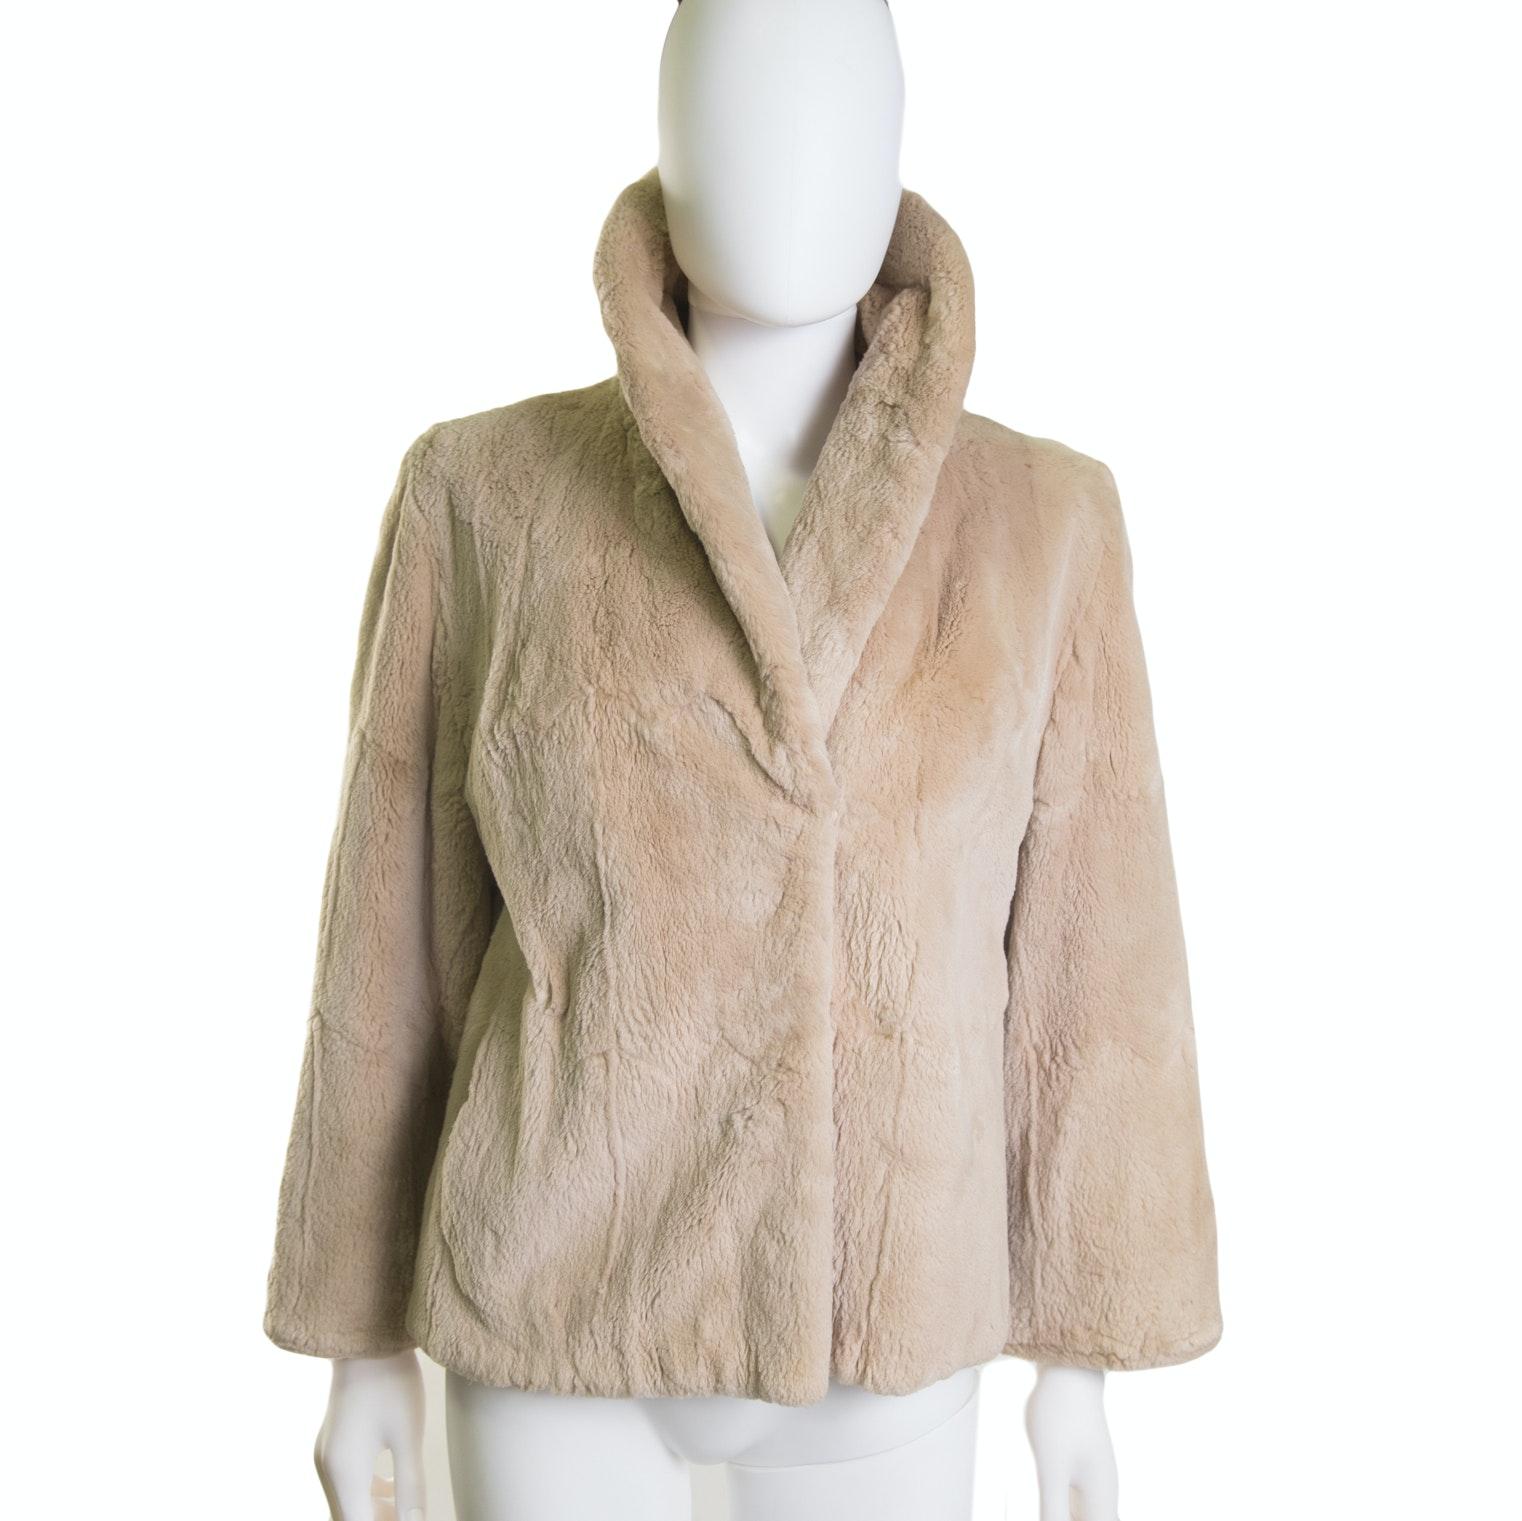 Women's Vintage Sheared Rabbit Fur Jacket